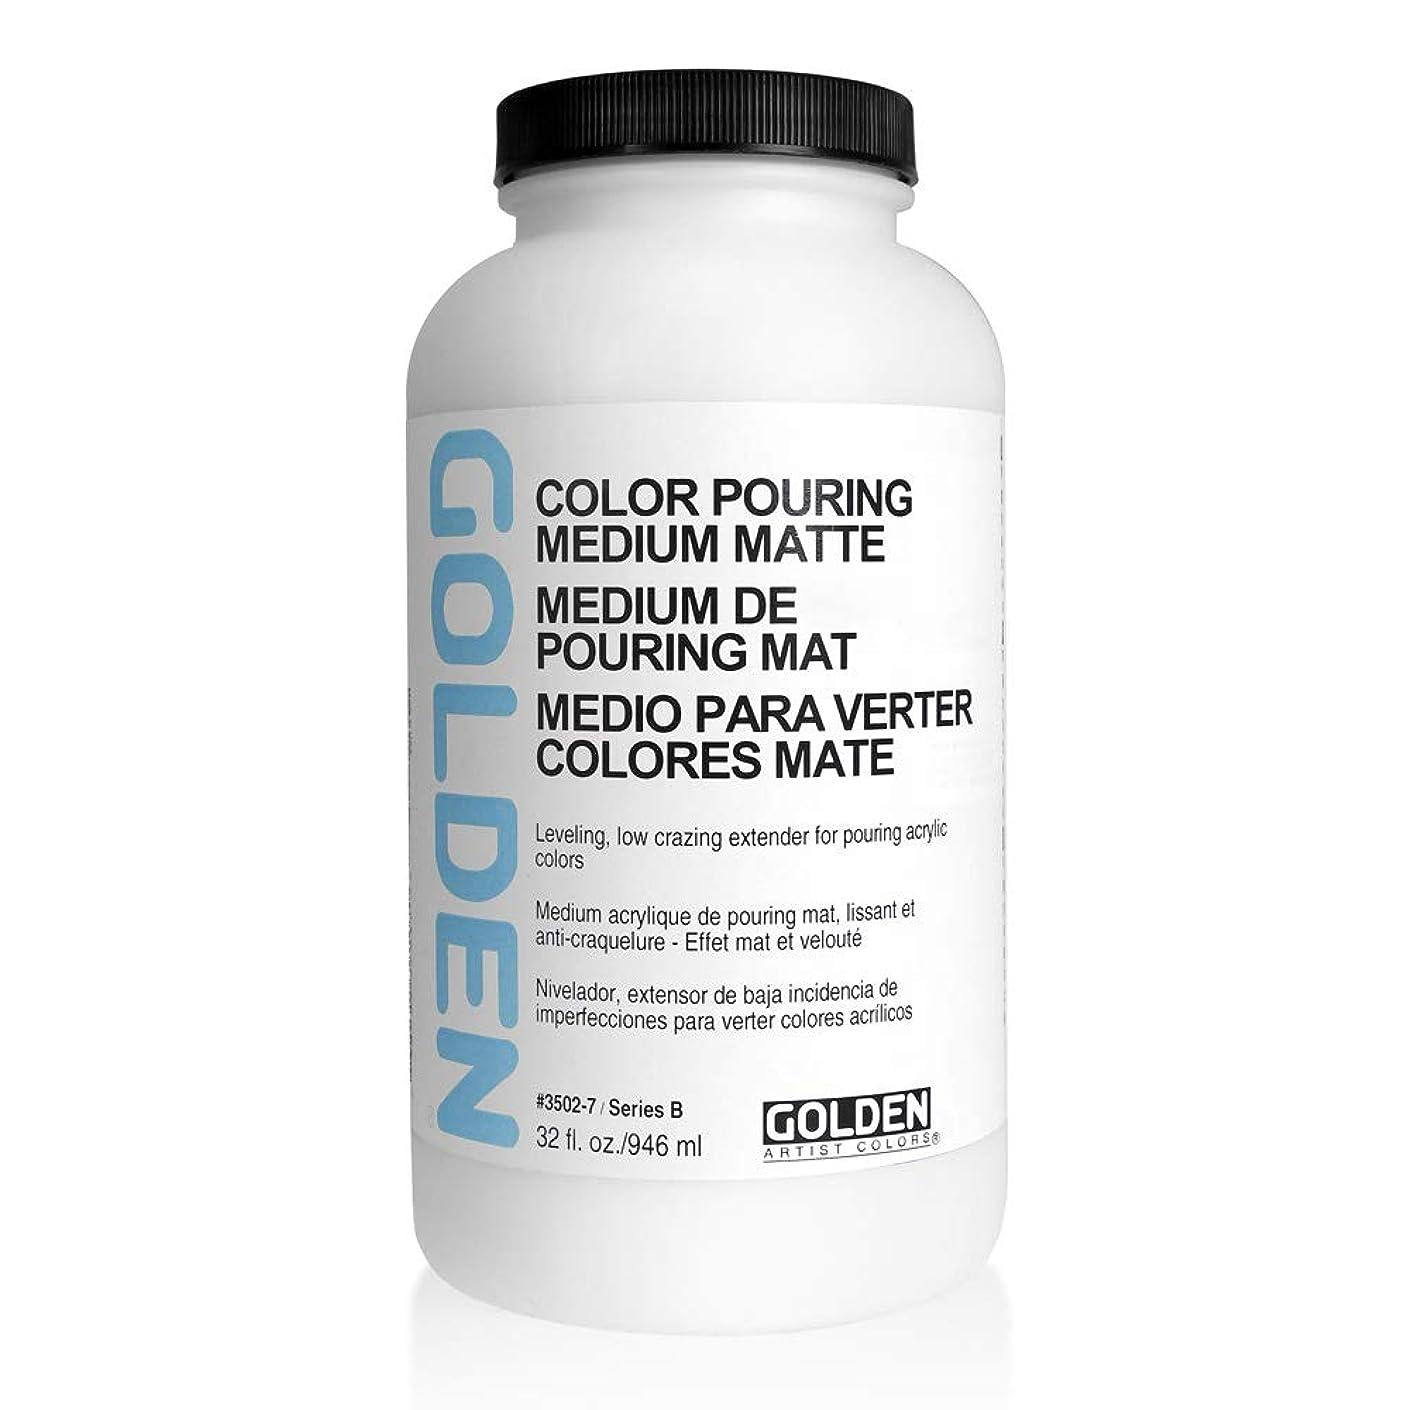 Golden Artist Colors Color Pouring Medium, Matte Finish, 32 Ounce Bottle (3502-7)